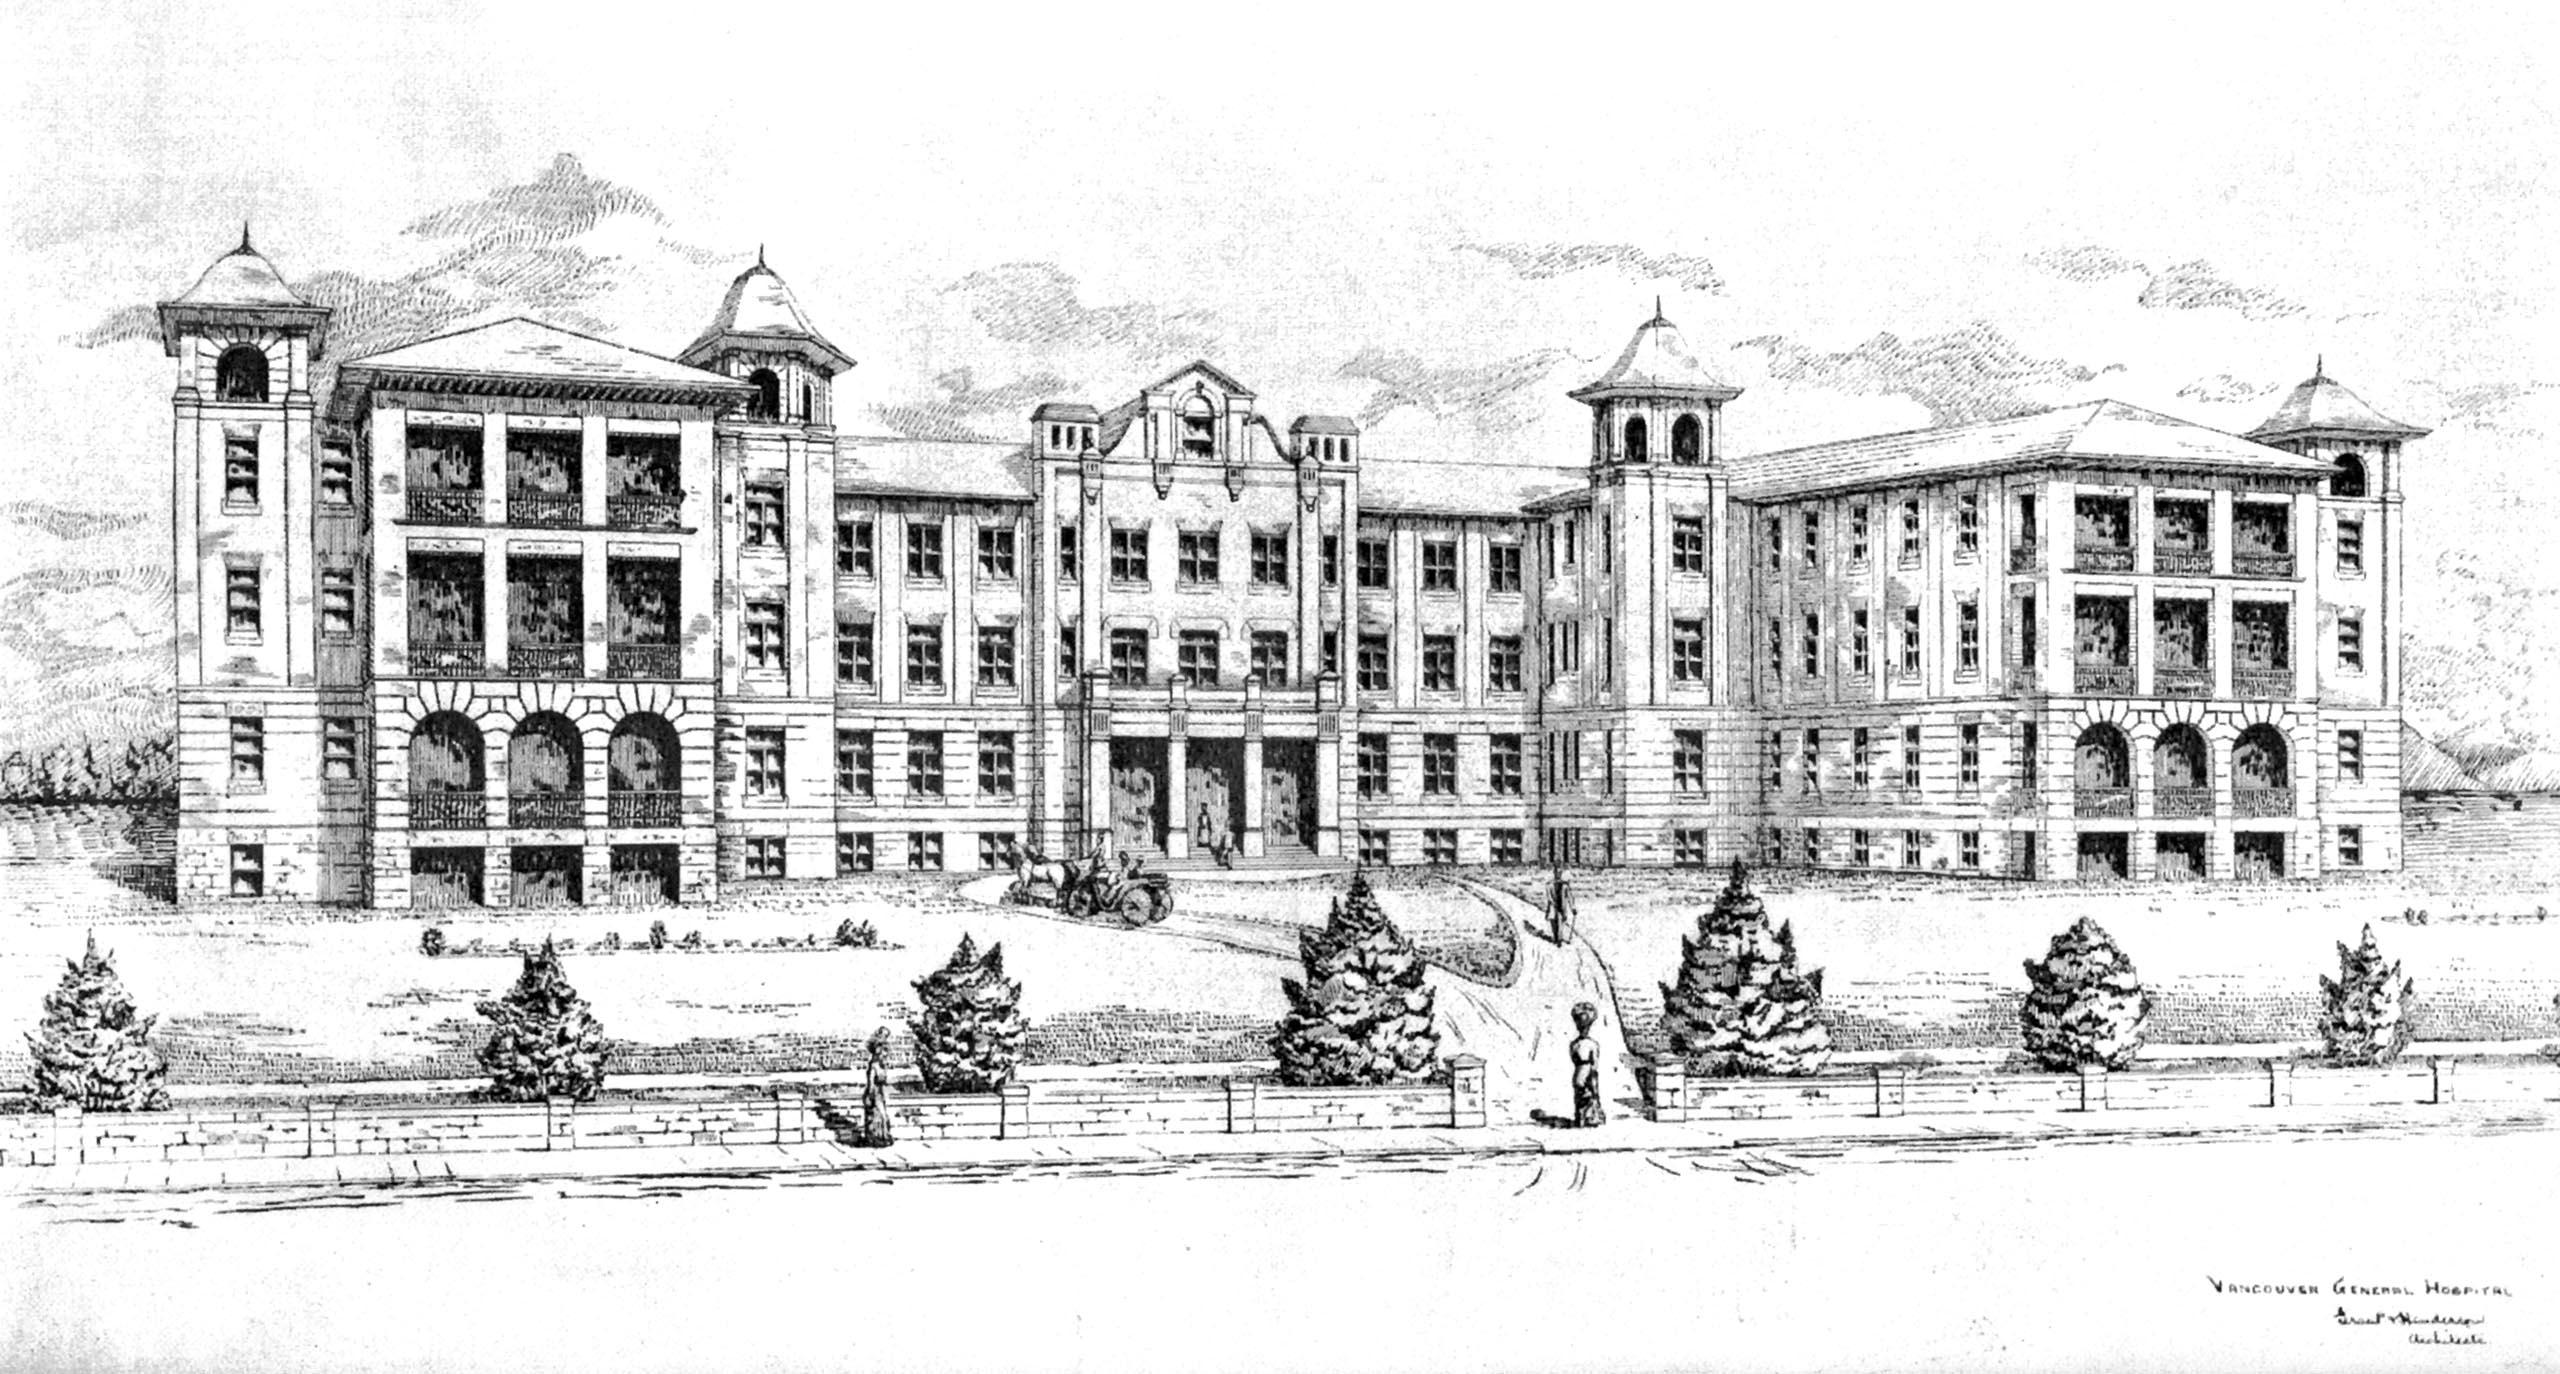 1904 rendering